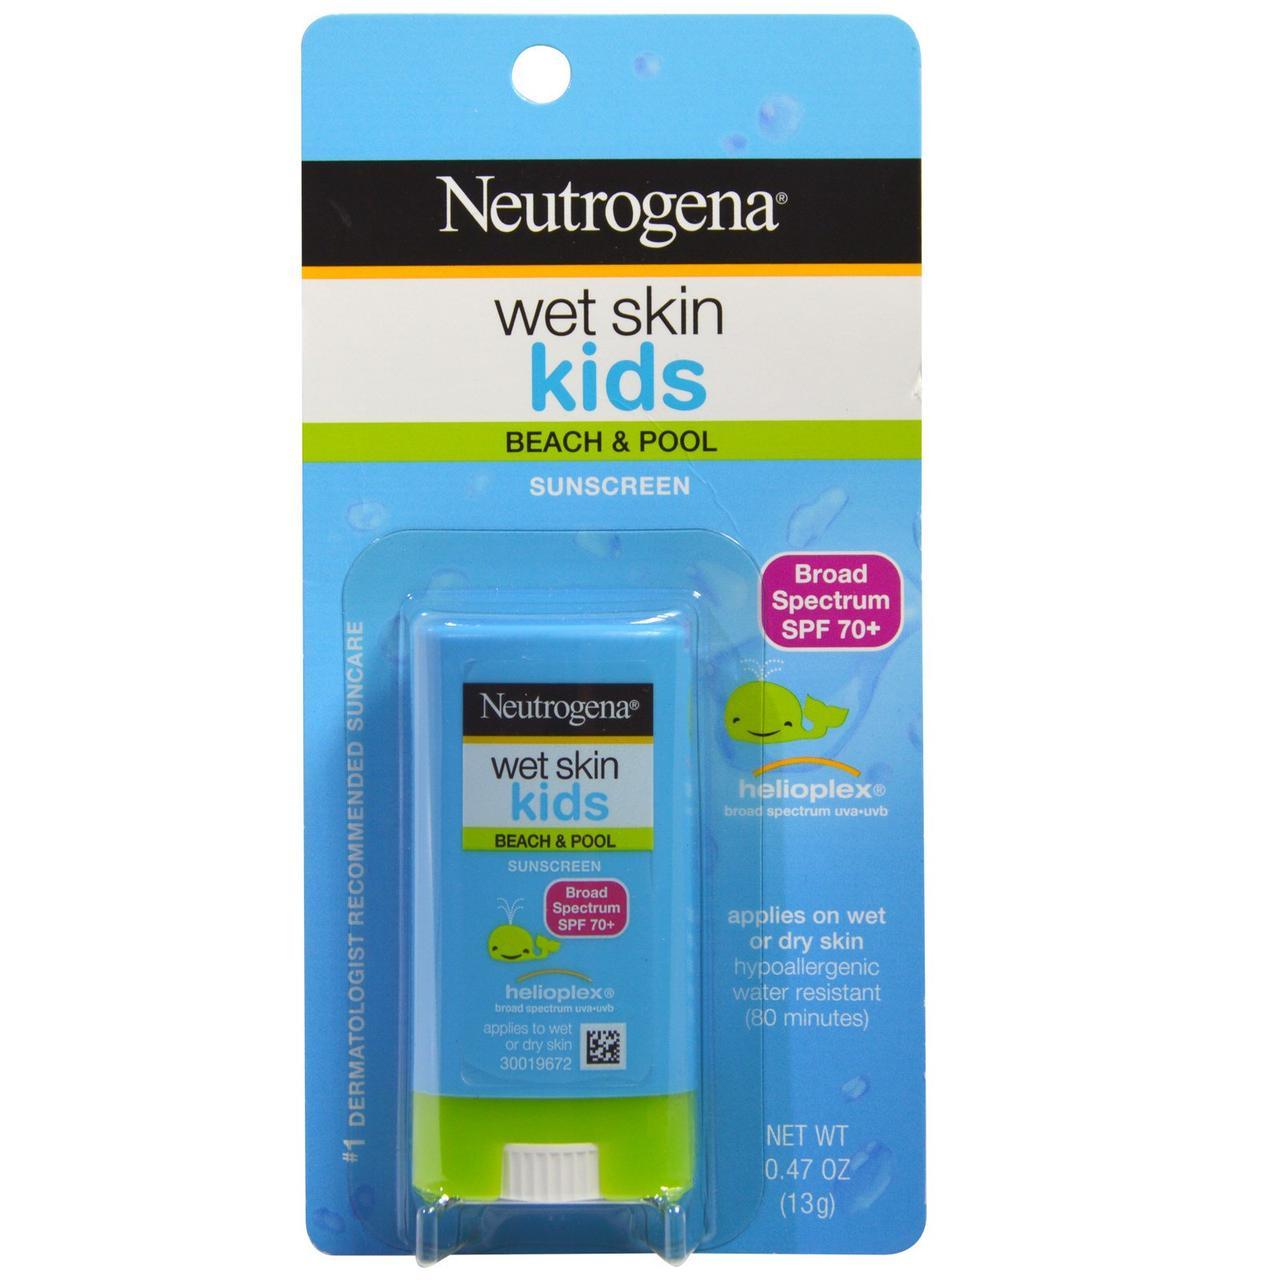 Твердый солнцезащитный стик для загара для детей с защитой  SPF 70+ Neutrogena, Wet Skin Kids, 13 г